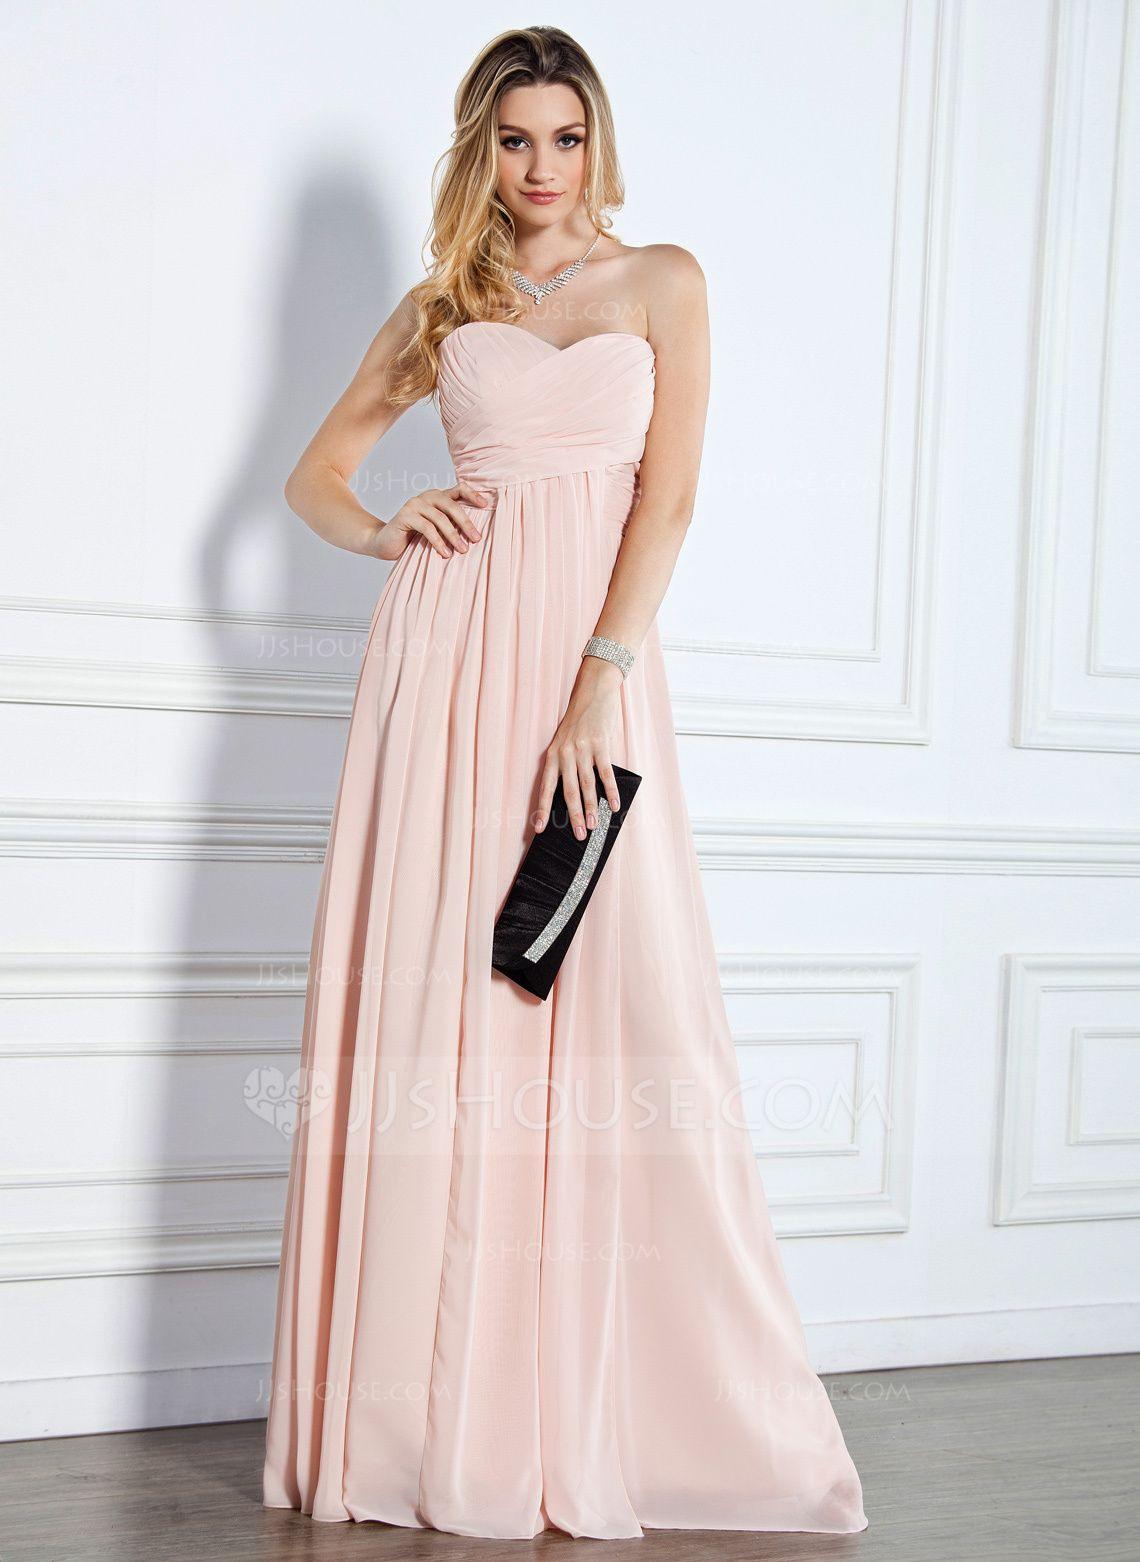 Abend Ausgezeichnet Abendkleid Jjshouse ÄrmelAbend Wunderbar Abendkleid Jjshouse Stylish